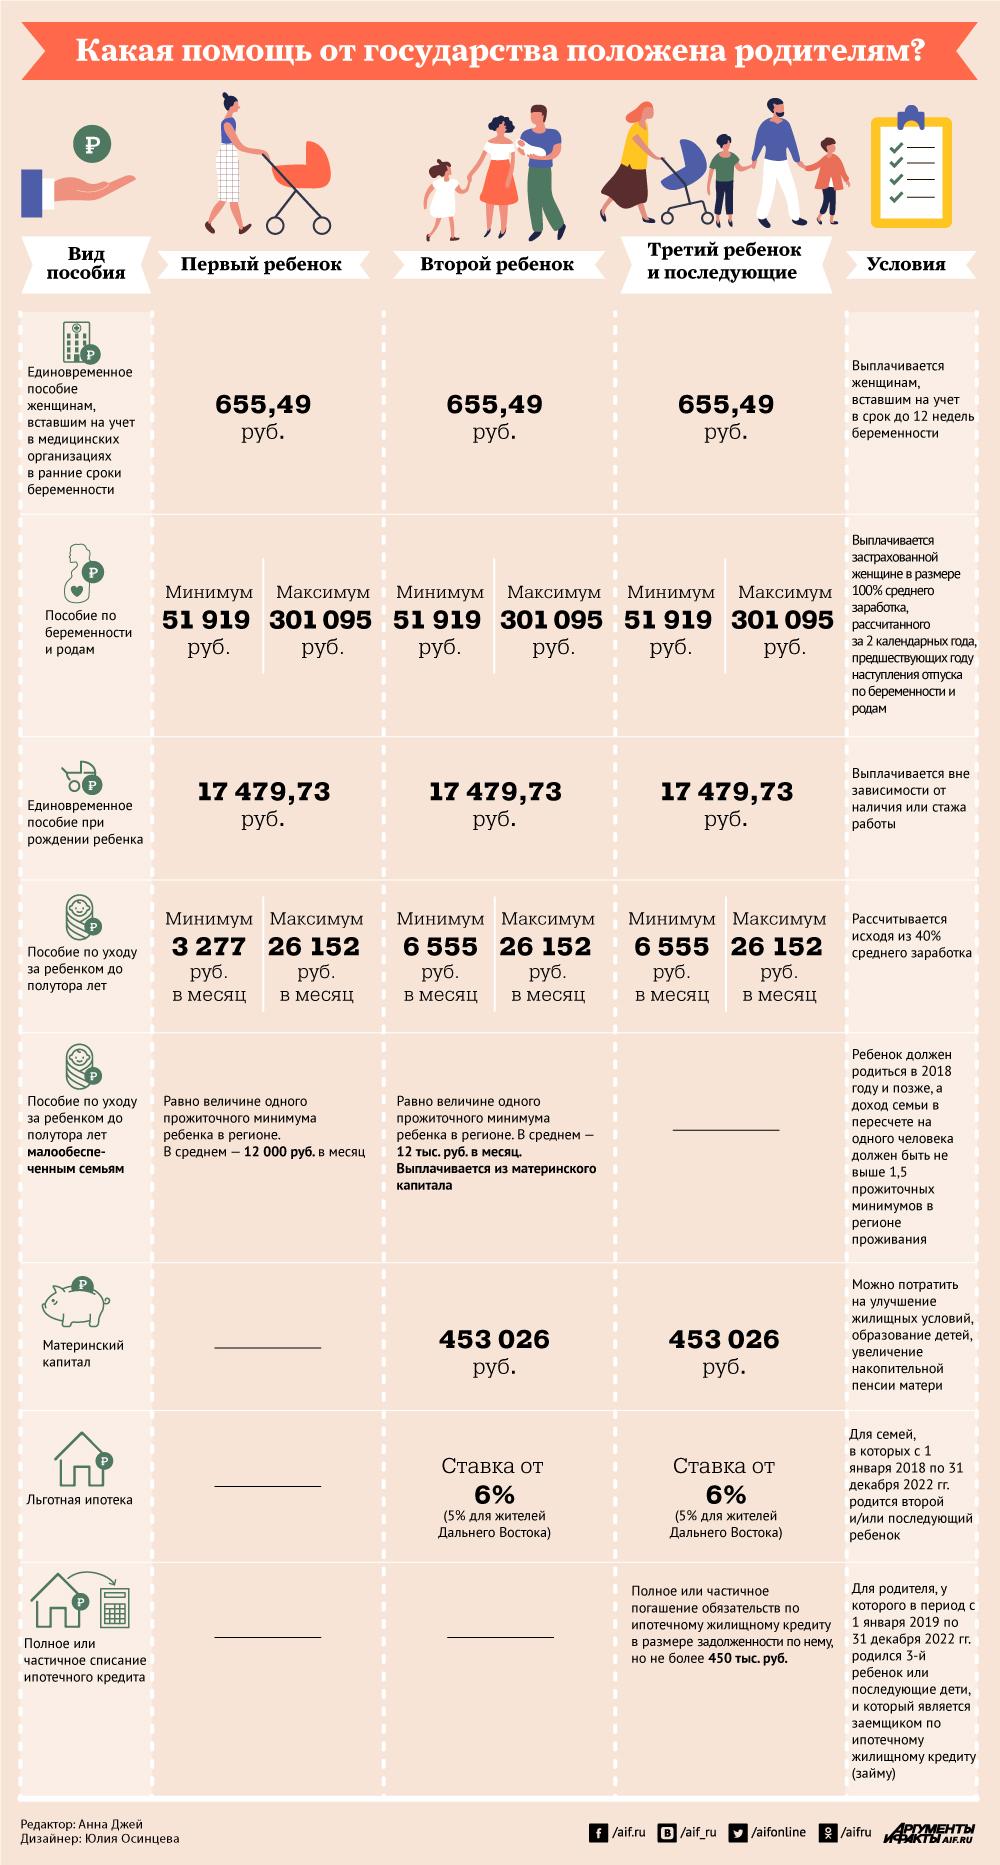 займы безработным в декрете барнаул частный займ в контакте мошенники